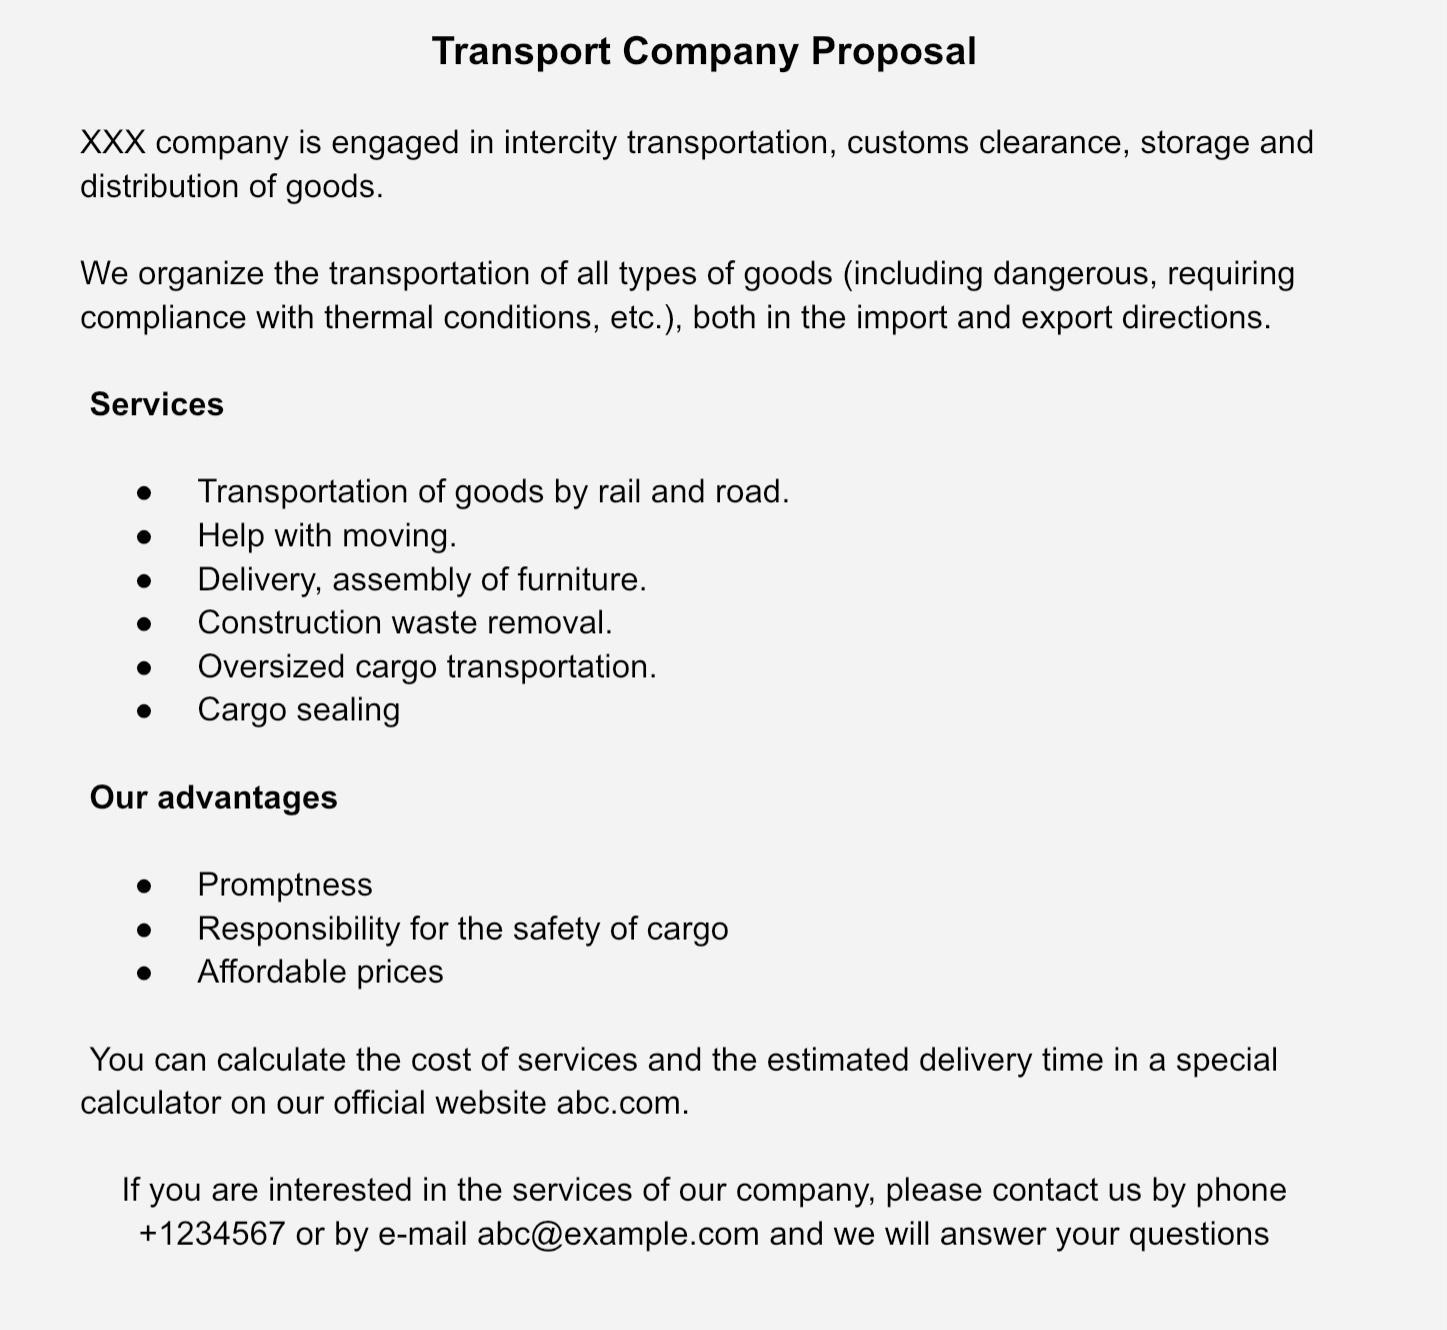 Коммерческое предложение транспортной компании на английском